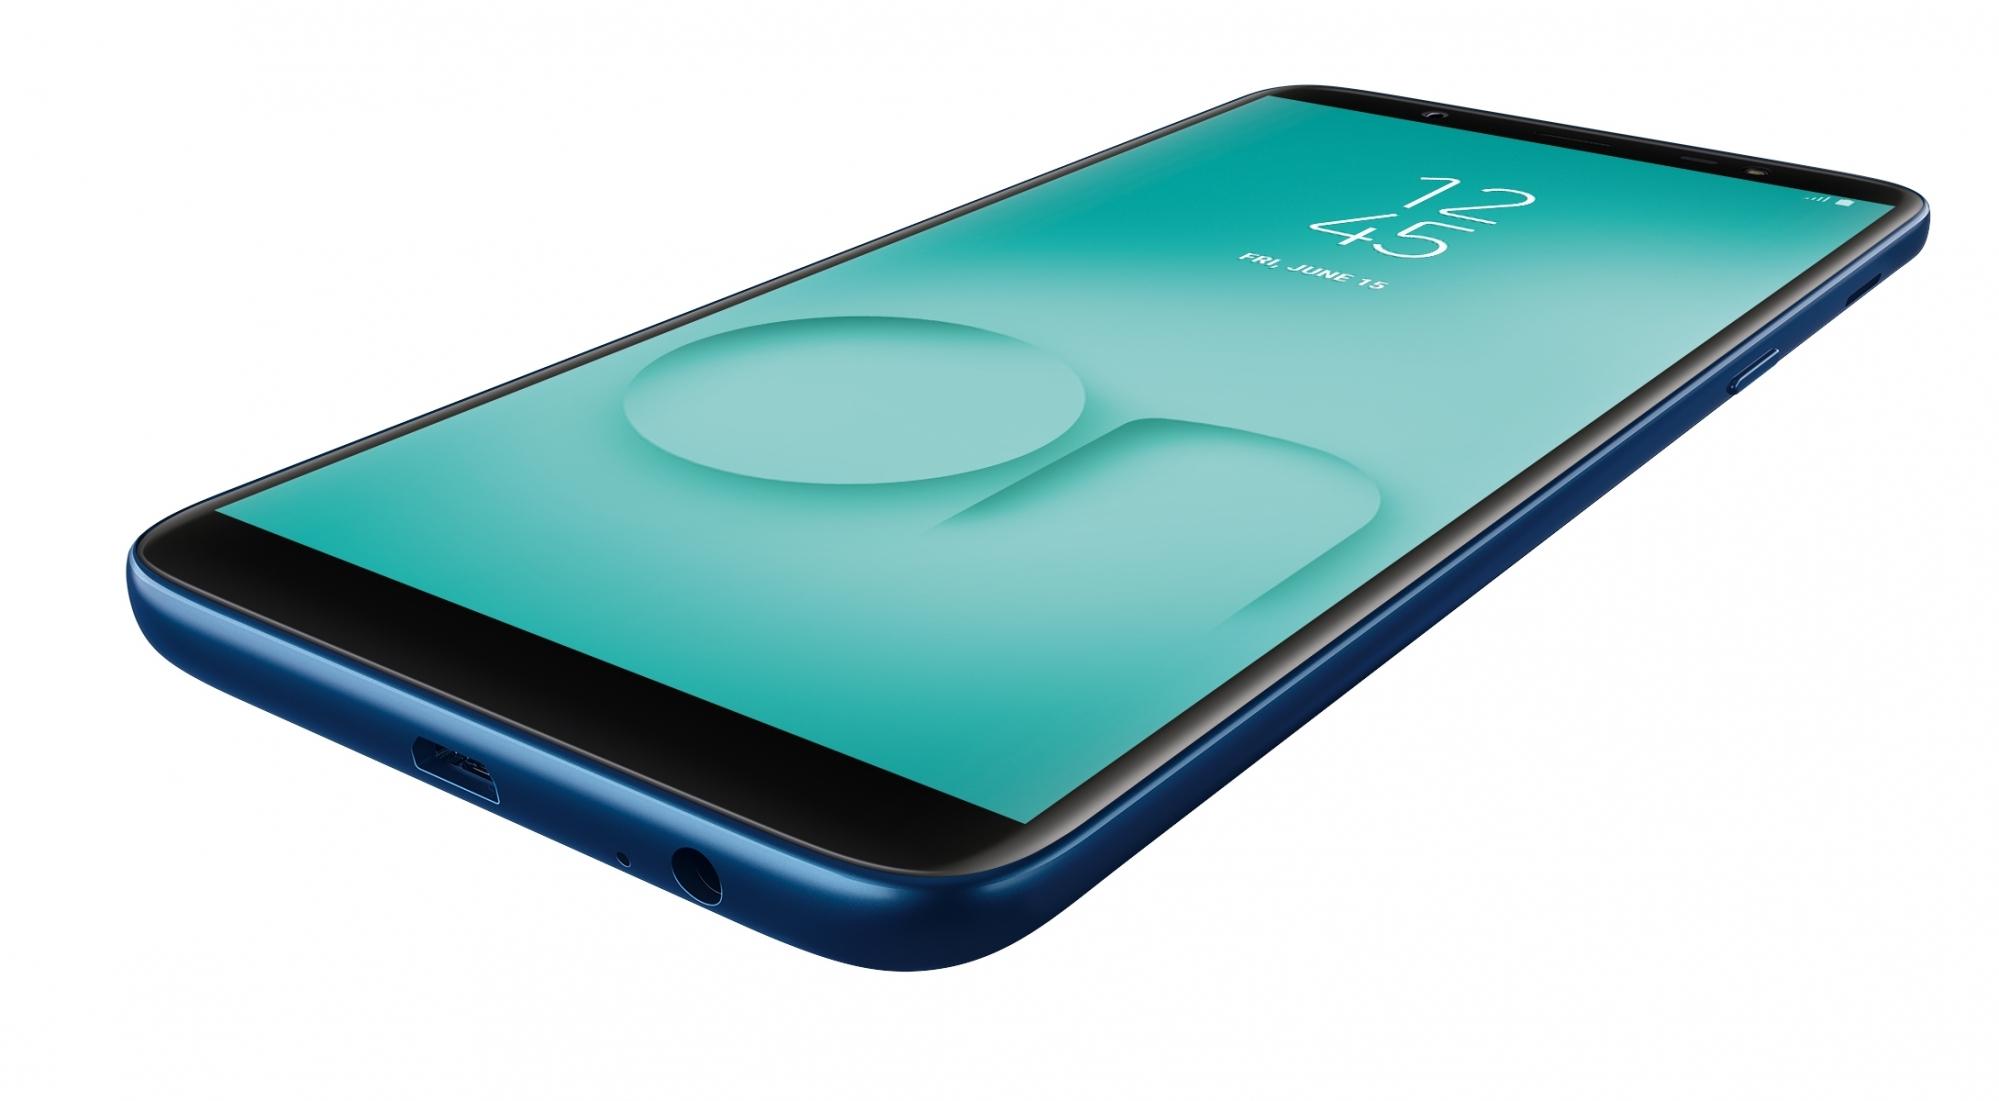 Galaxy On8, Samsung, Samsung India, Smartphone, Flipkart,Online Shopping, Gadget news, Technology news